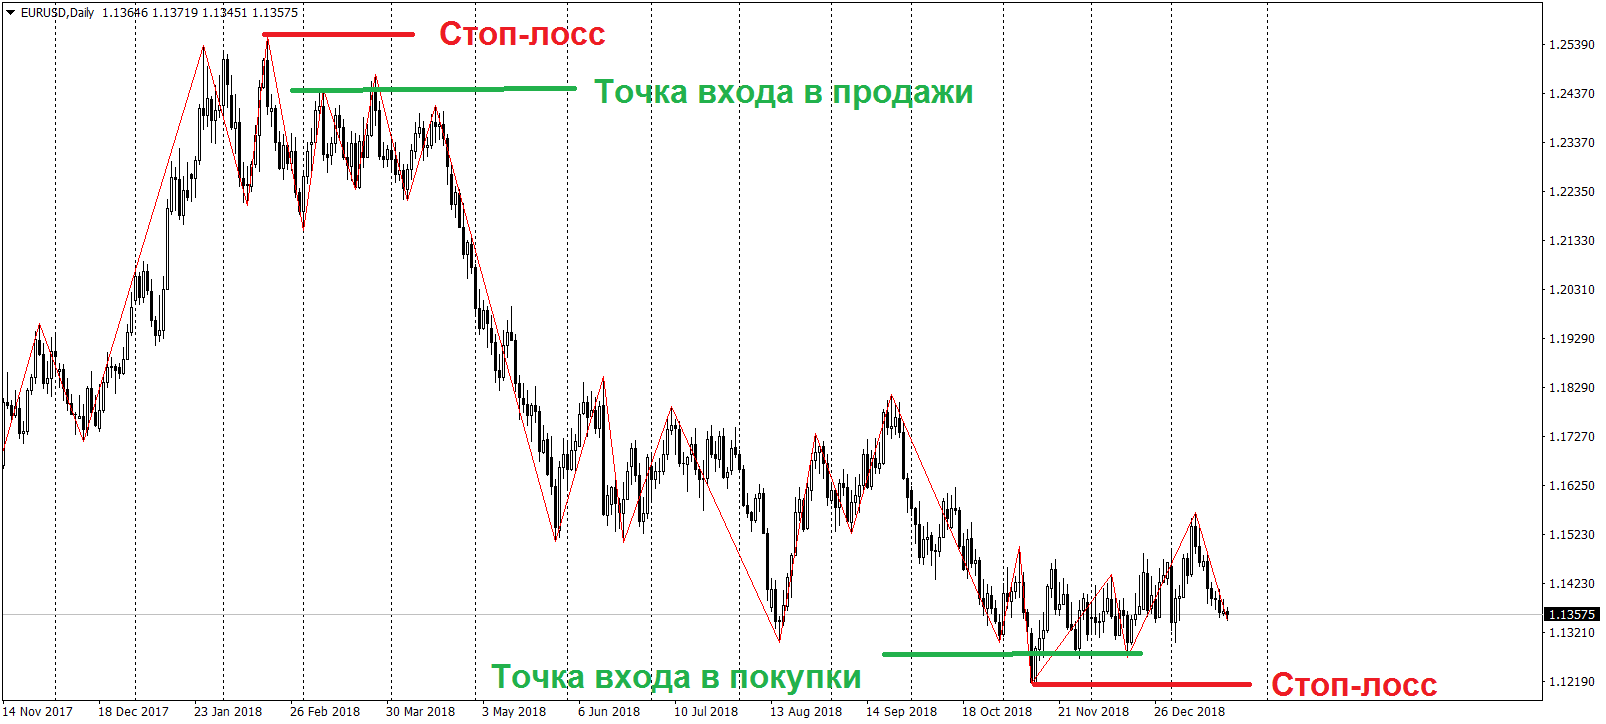 Пример торговли по Форекс стратегии с Зигзаг индикатором